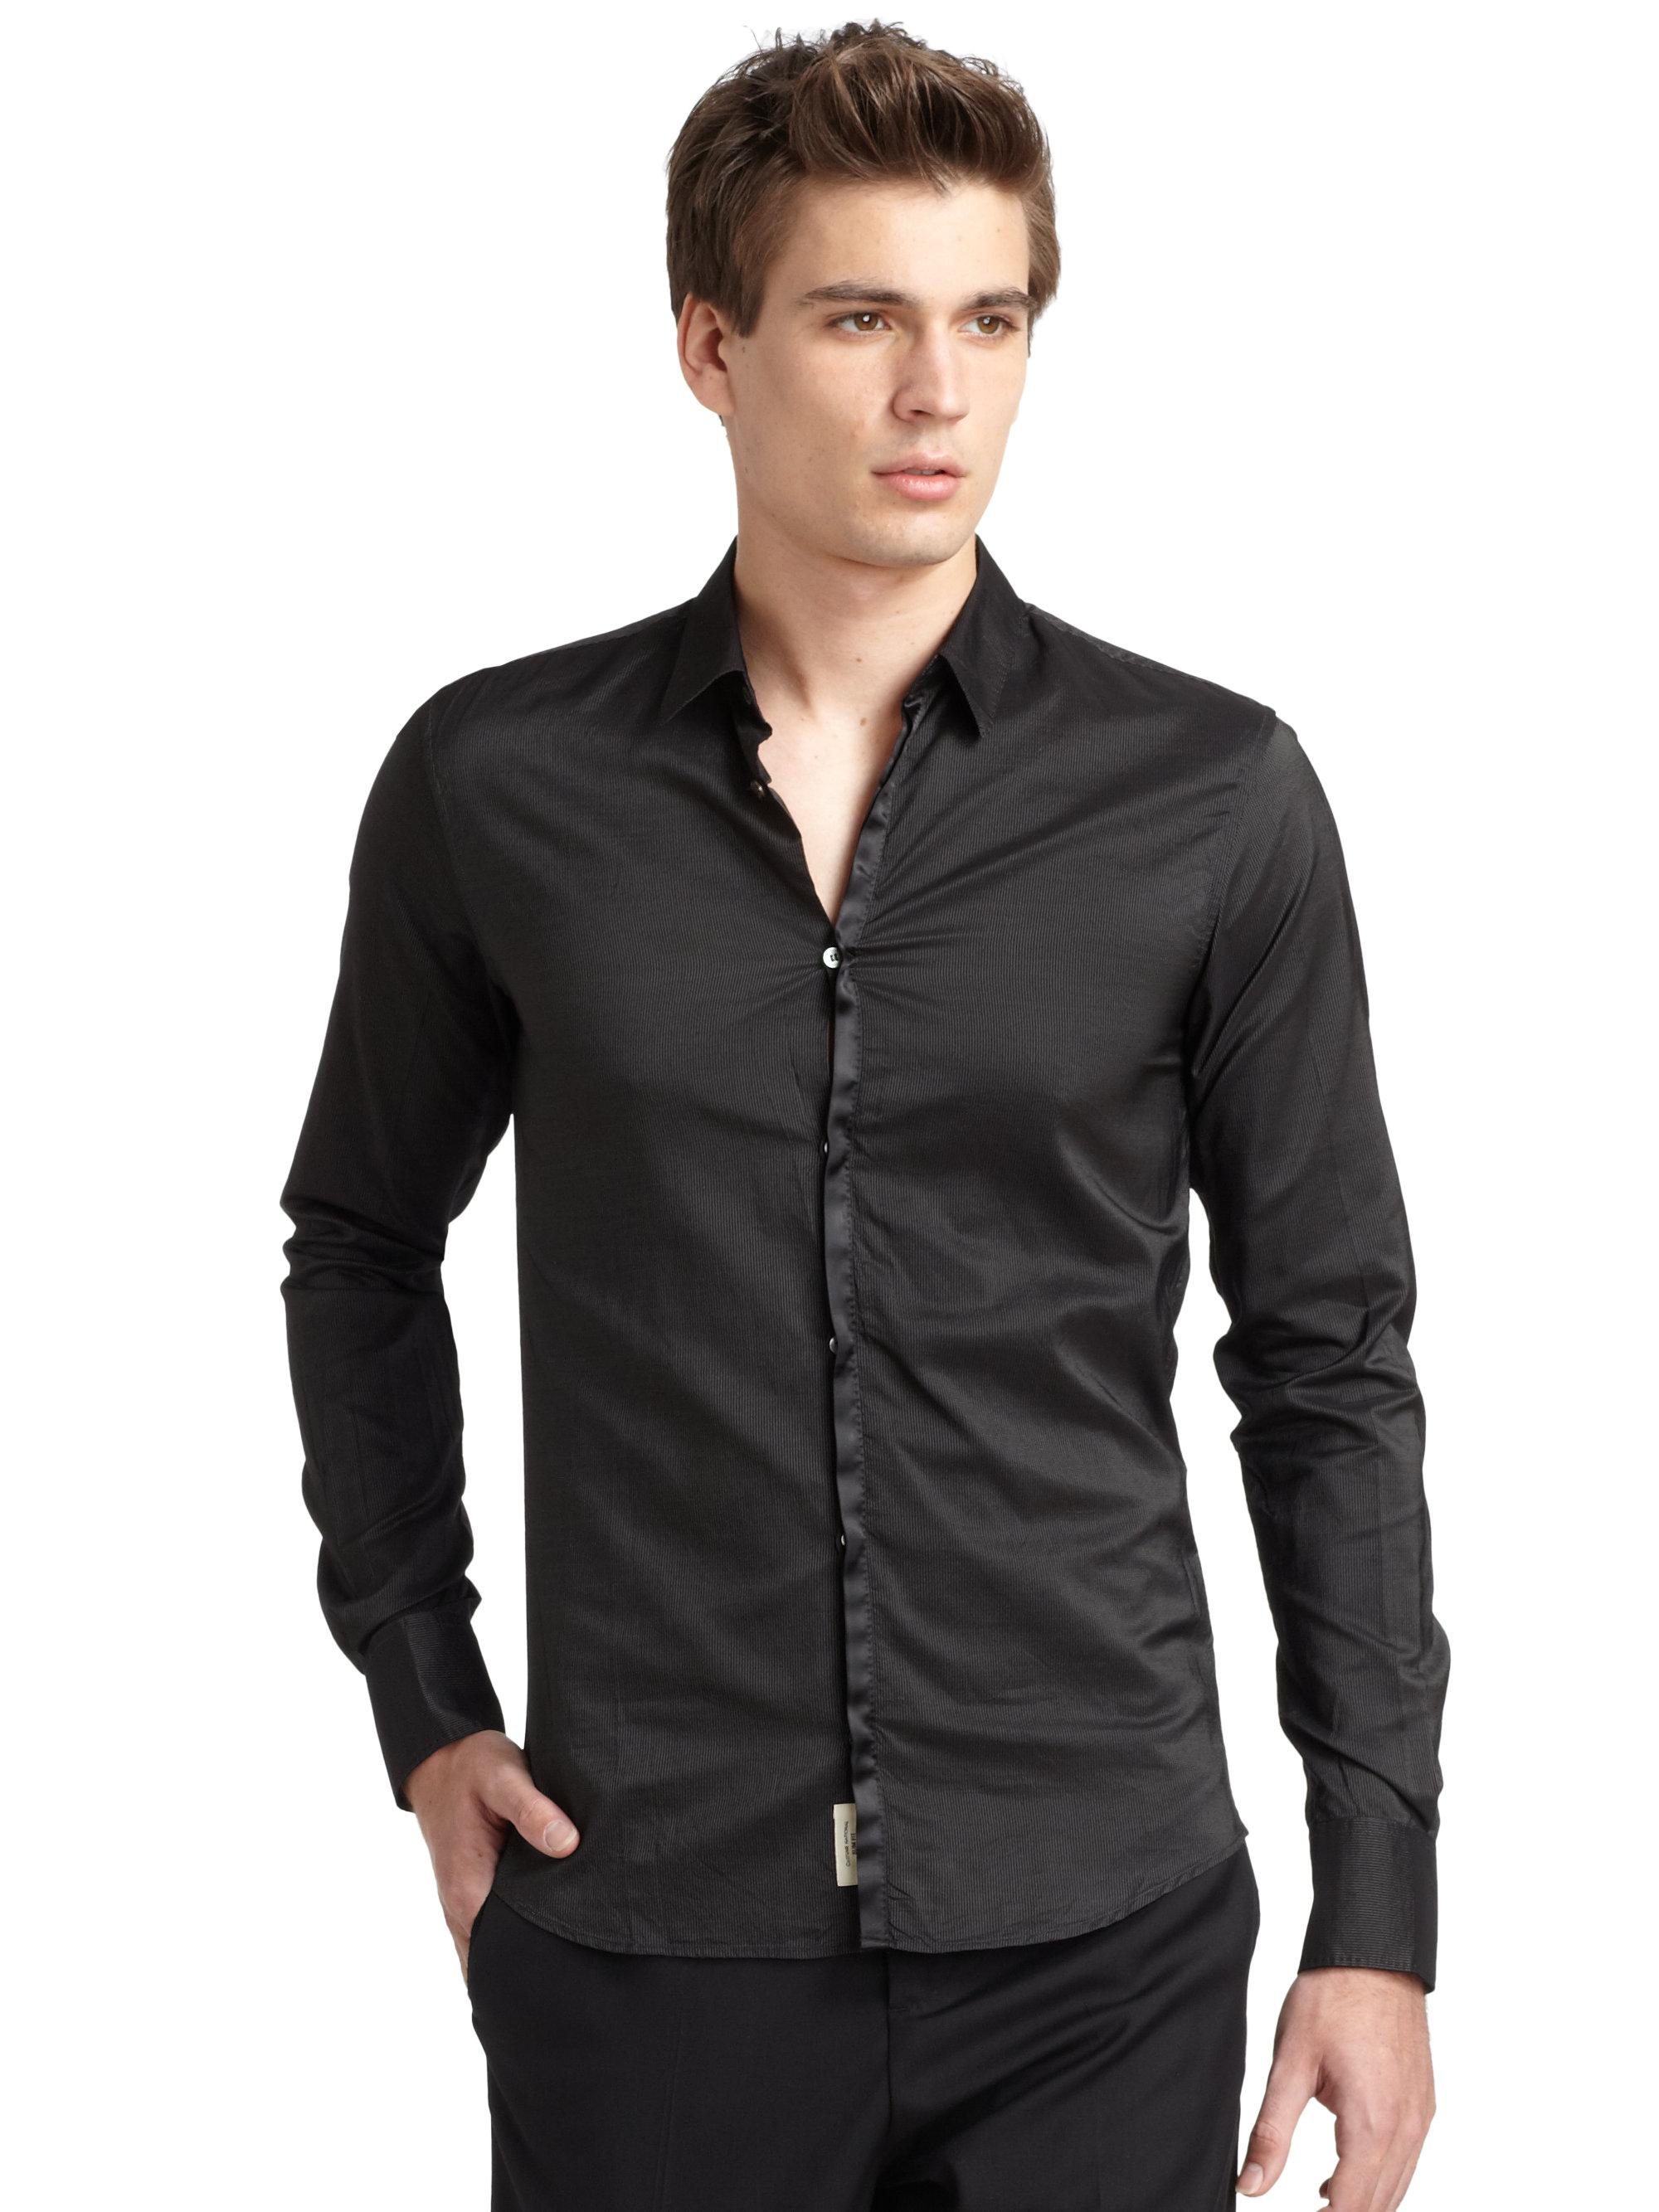 New Formal Shirt Design For Men 2013 Lyst - Costume Nationa...